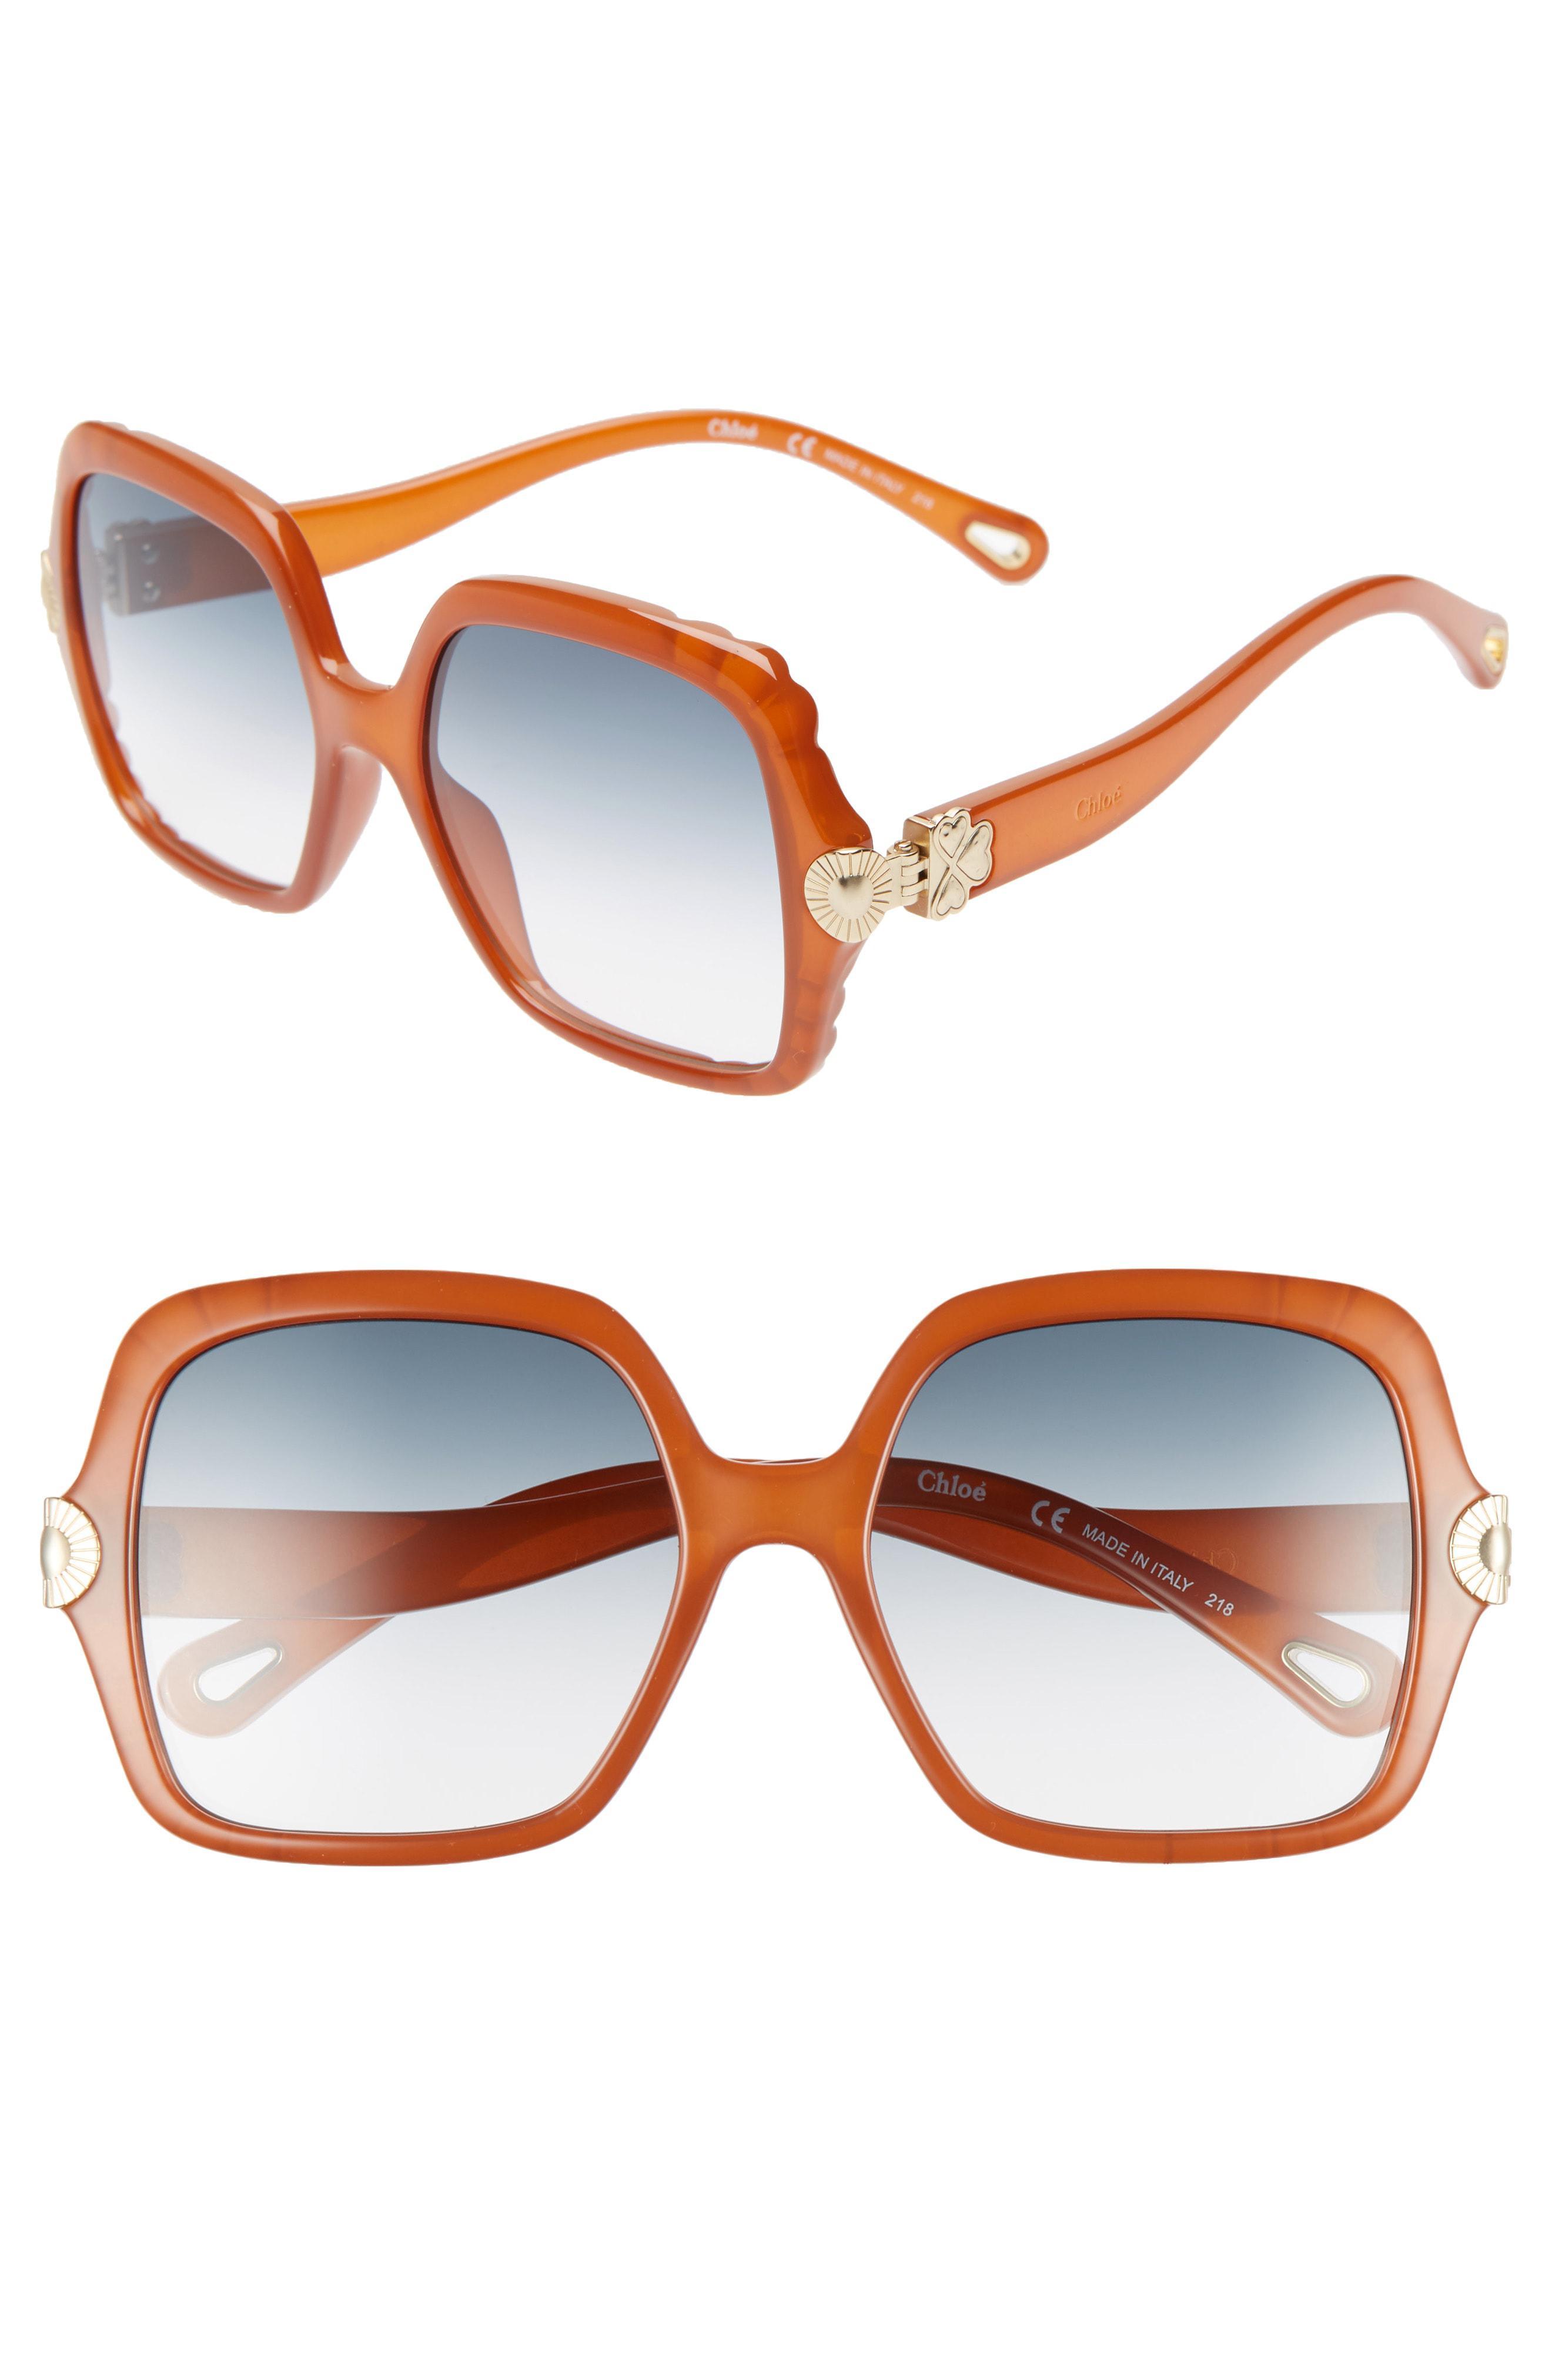 280e34392d2 Lyst - Chloé Vera 55mm Square Sunglasses - Brick in Blue